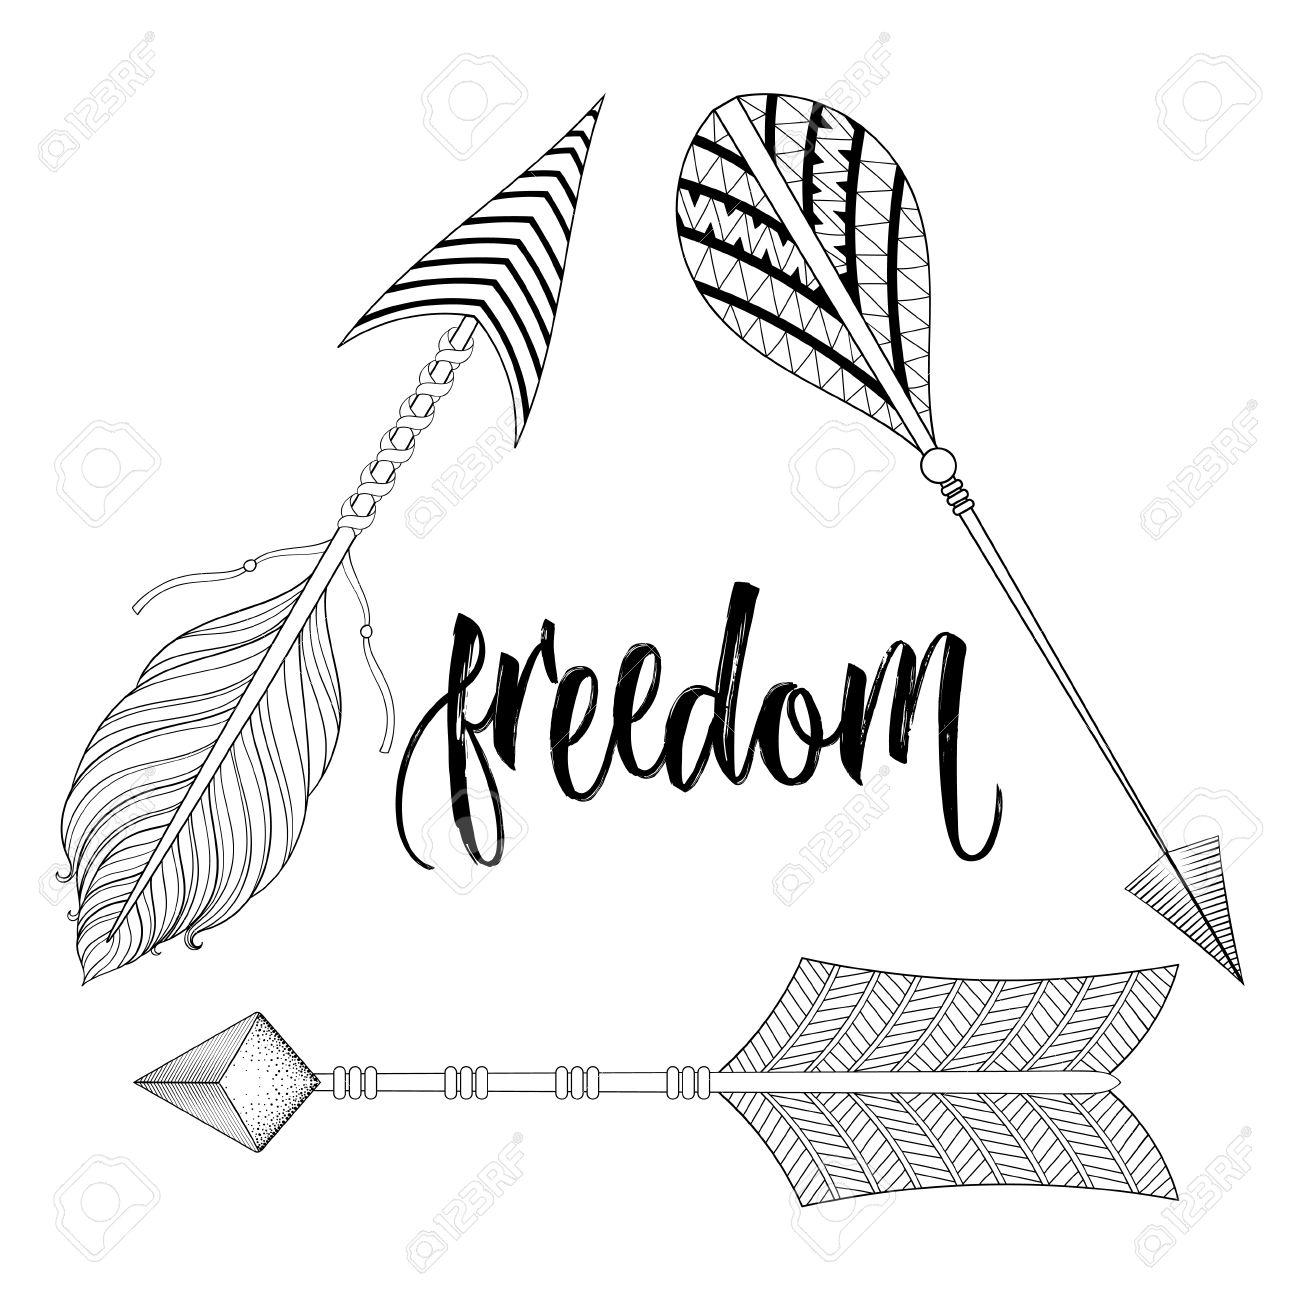 Boho Chic Etnica Dreamcatcher Con Piume Frecce La Libertà Calligrafia Concetto Di Pantaloni A Vita Bassa Stile Americano Nativo Illustrazione